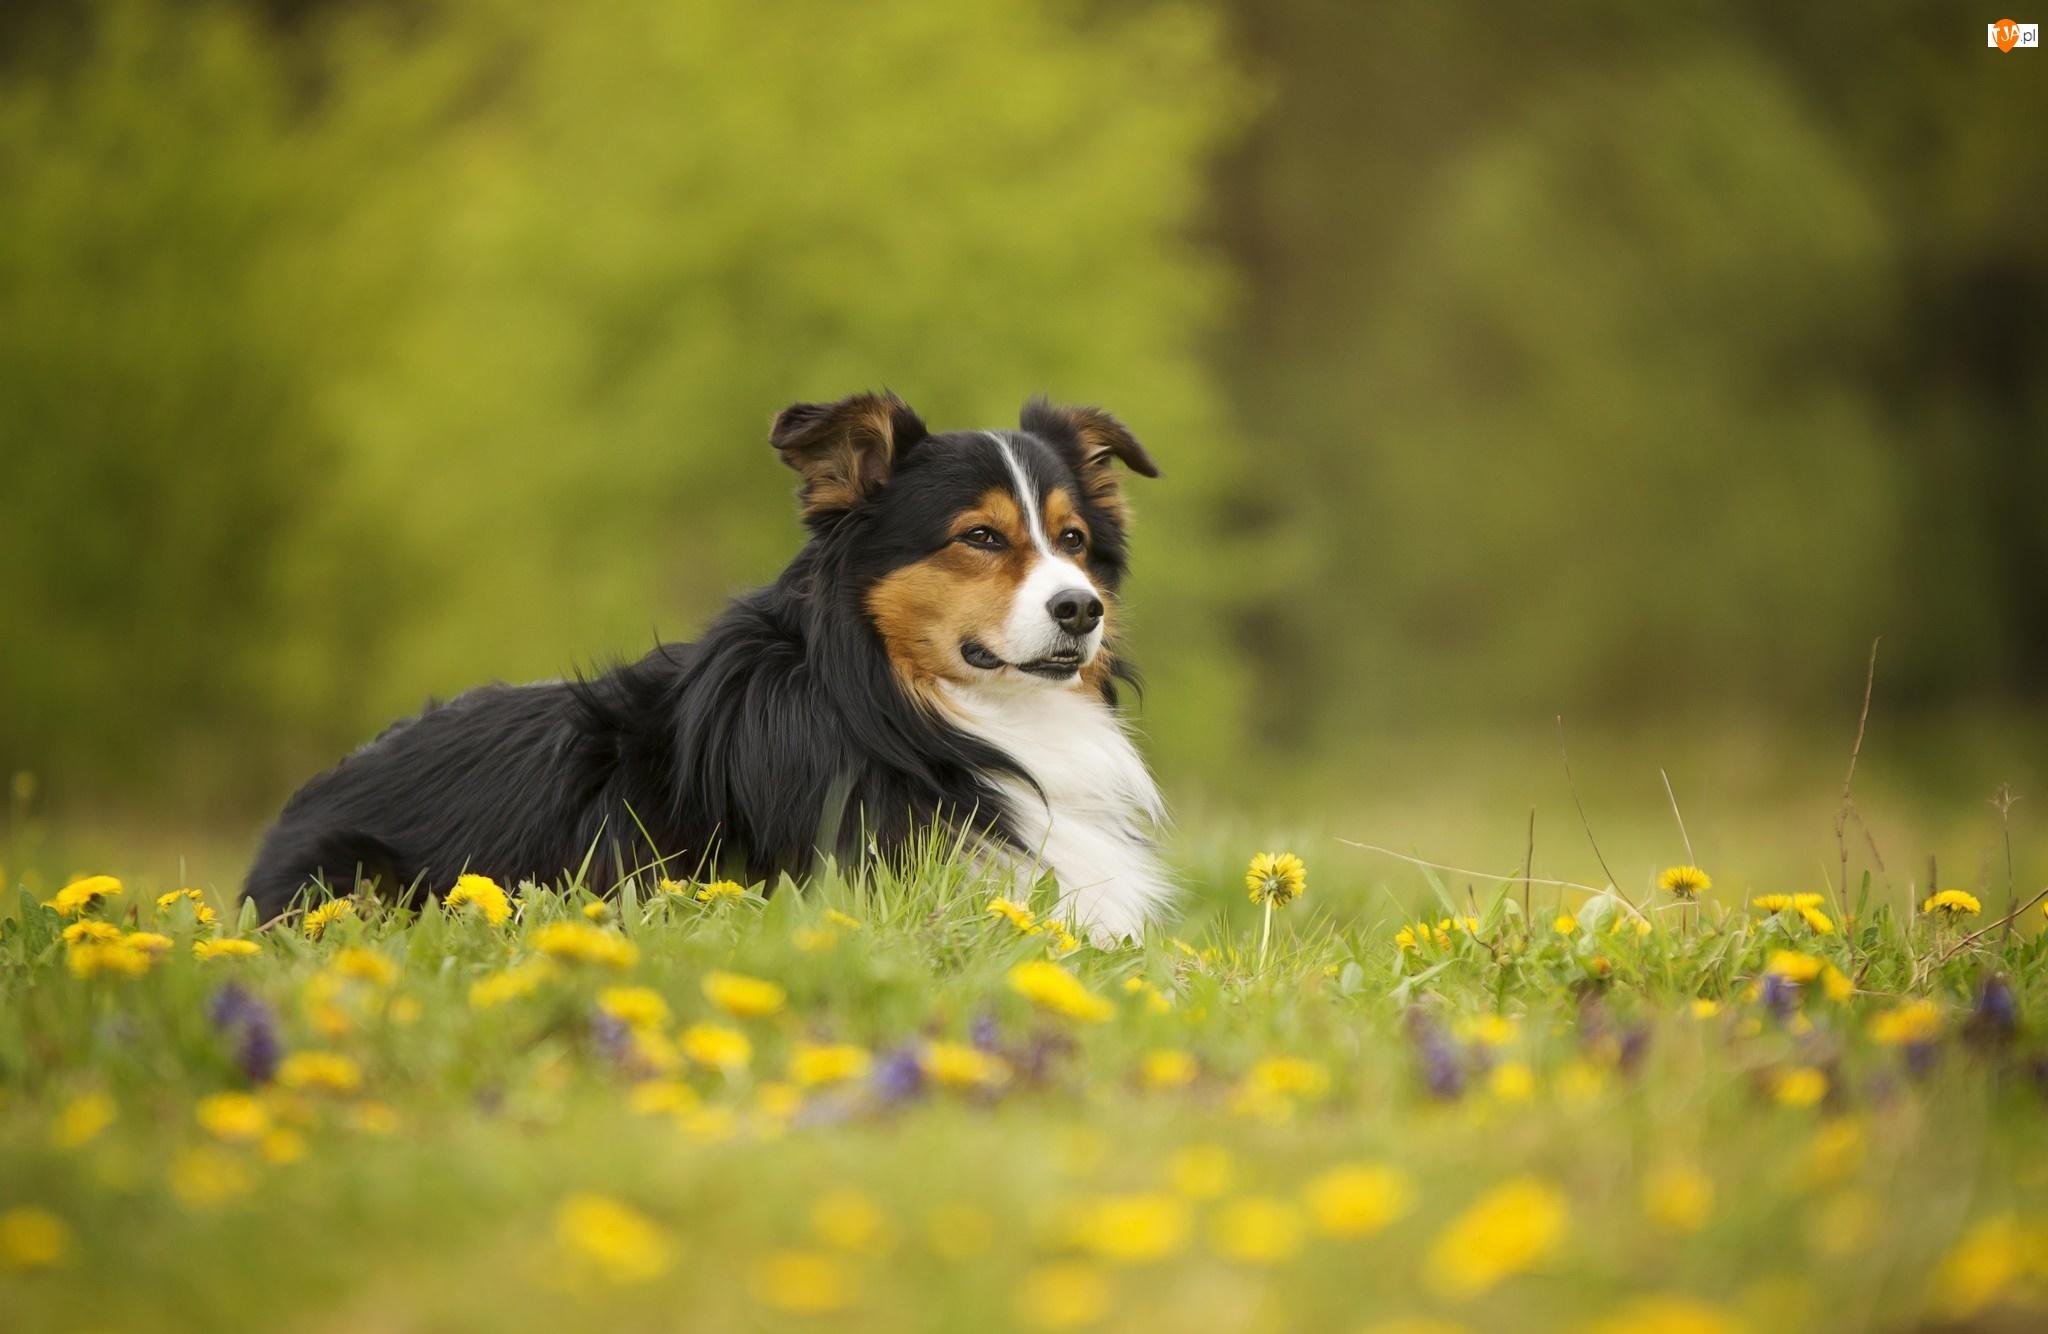 Kwiaty, Pies, Łąka